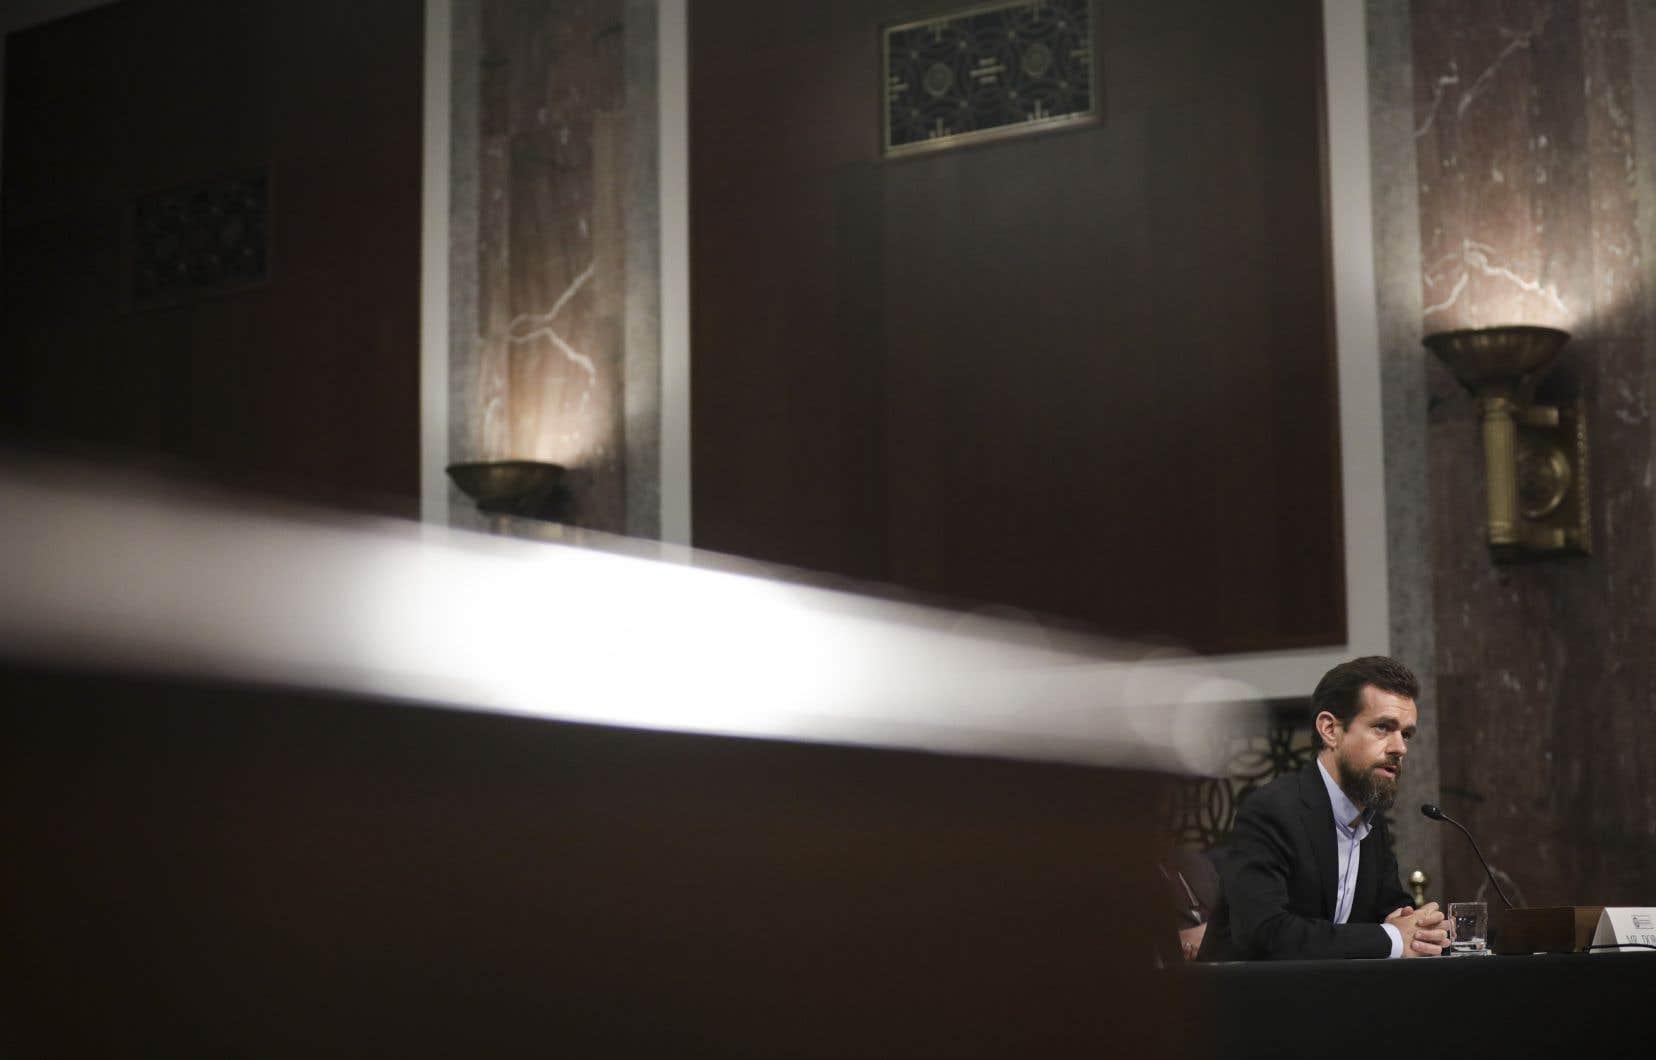 Le fondateur de Twitter, Jack Dorsey, était attendu dans l'après-midi à la Chambre des représentants pour répondre à ces accusations.